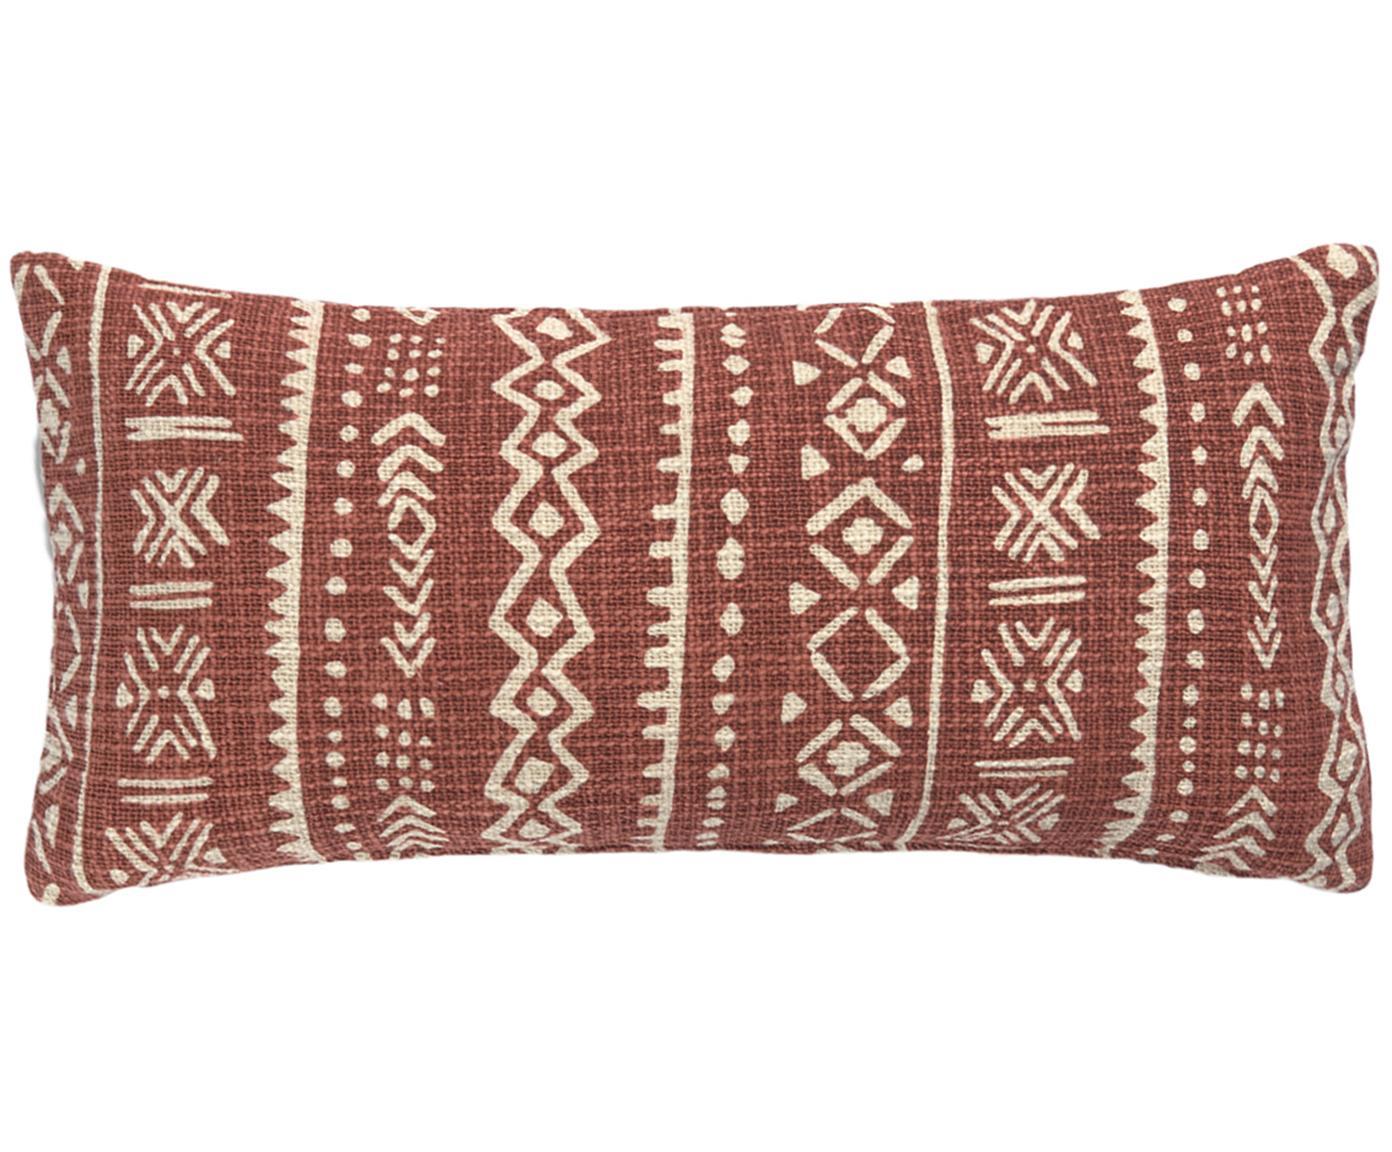 Kussenhoes Masai met grafisch patroon, Katoen, Gebroken wit, bruin, 30 x 60 cm